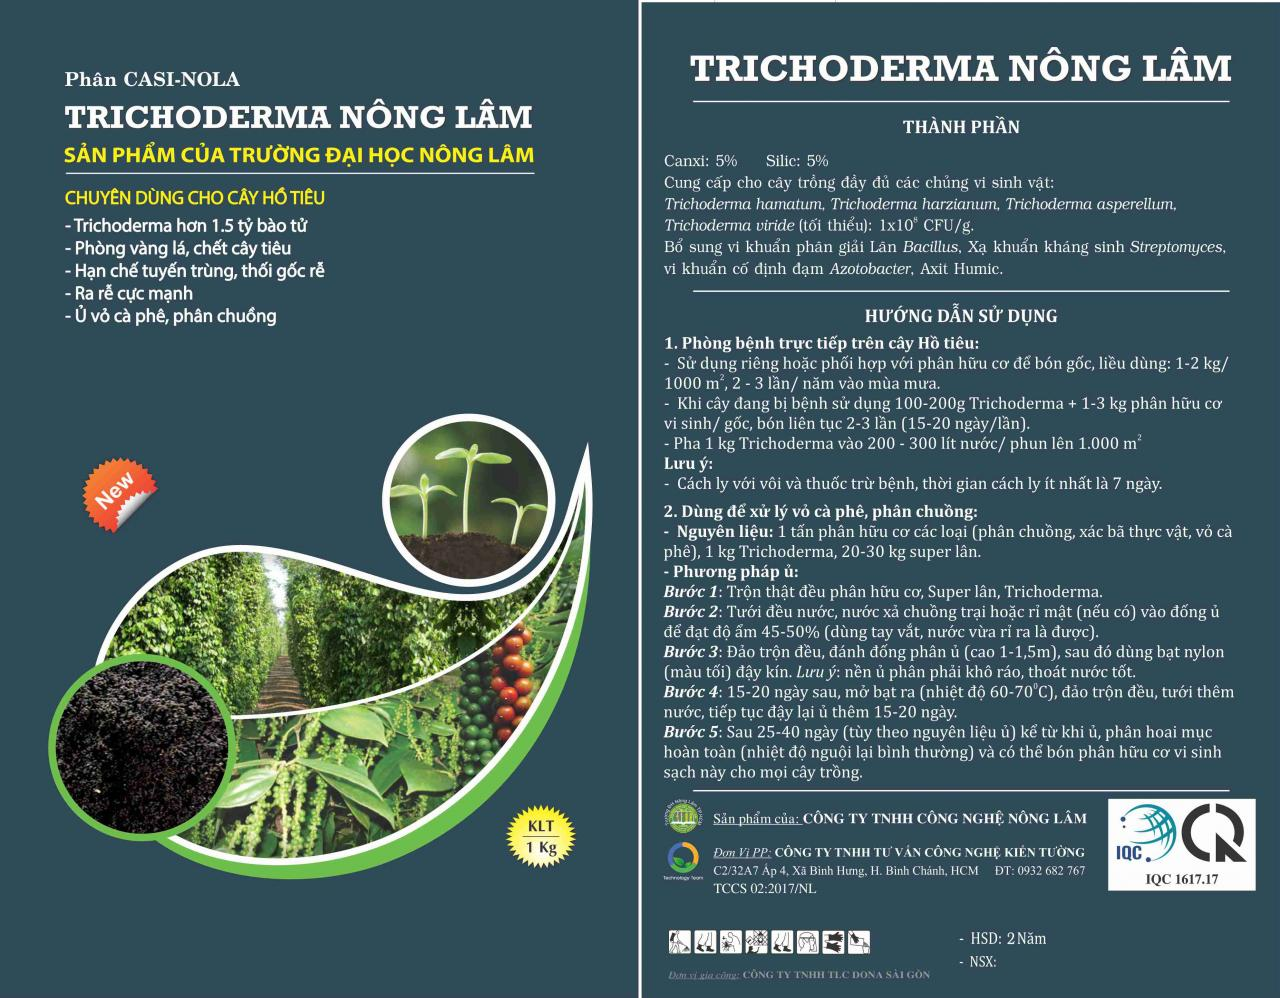 http://vietnamnongnghiepsach.com.vn/wp-content/uploads/2017/10/TRICHODERMA-TIEU-1KG-SO-3-FILE-OKI-THANG-6.jpg